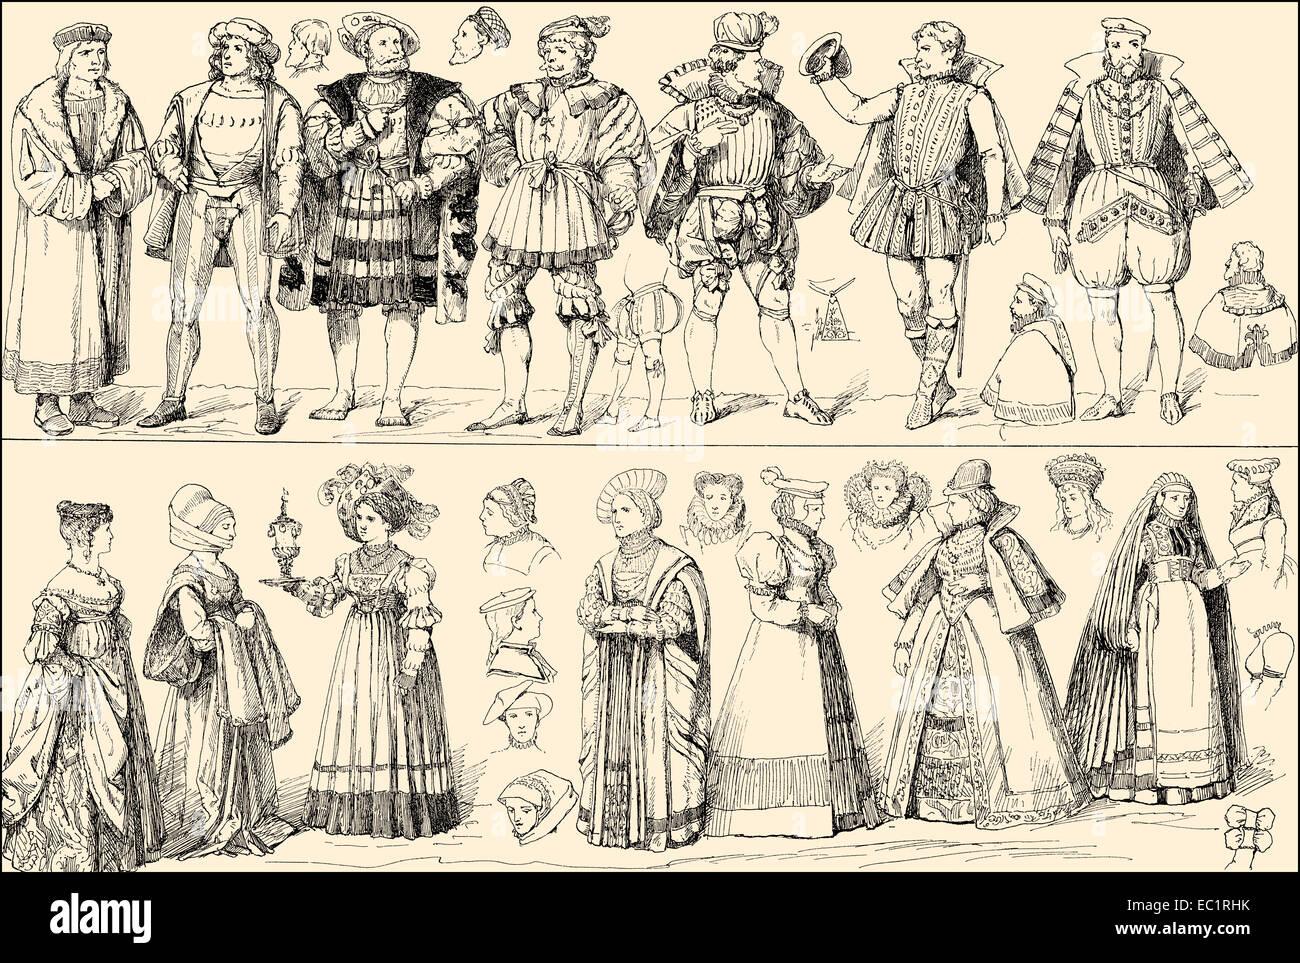 Les costumes du 16ème siècle, Allemagne Photo Stock